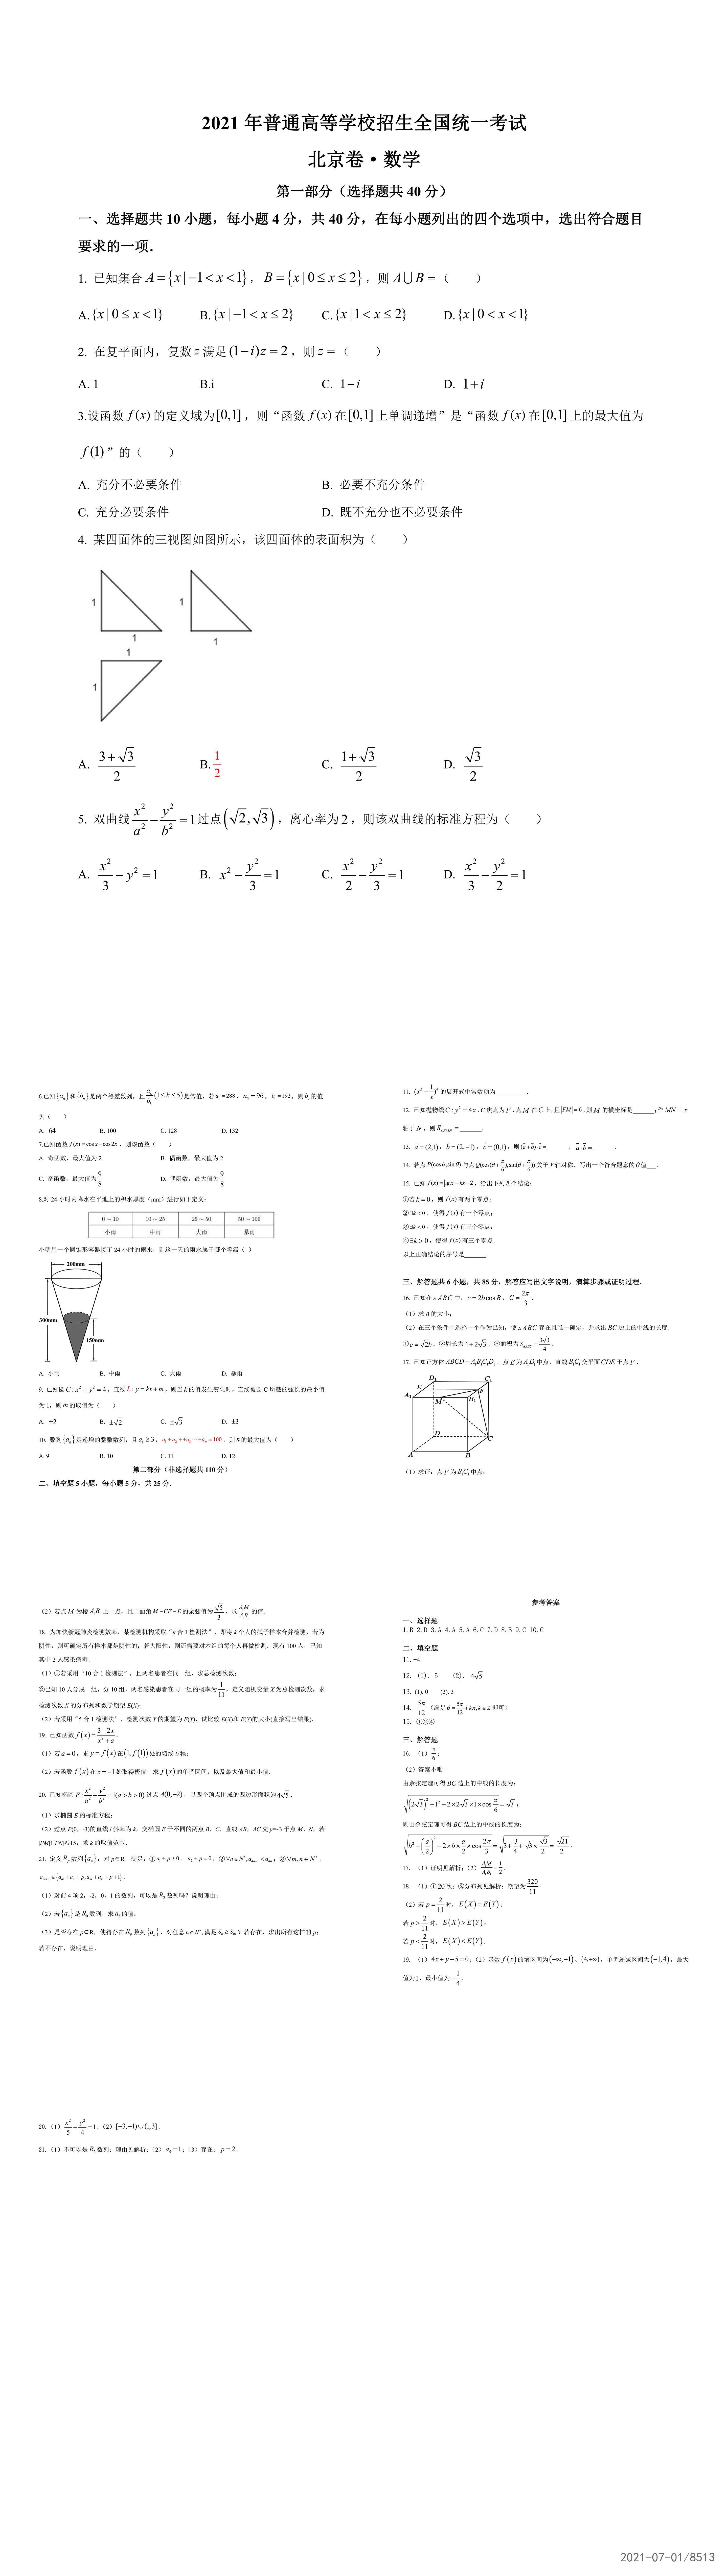 2021年高考北京卷数学真题word模板